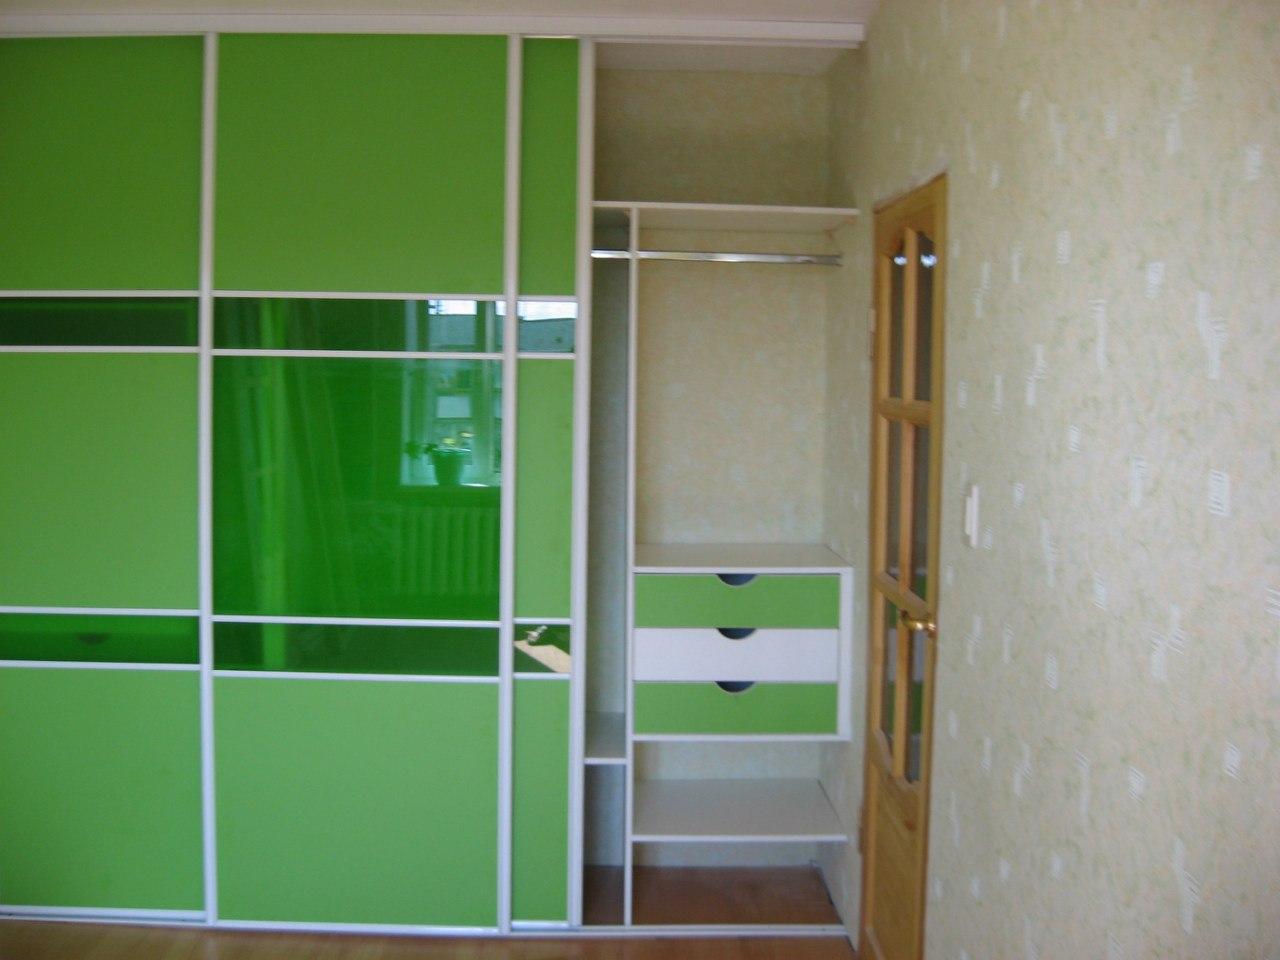 Двухцветные выдвижные ящики оживят внутреннее наполнение шкафа